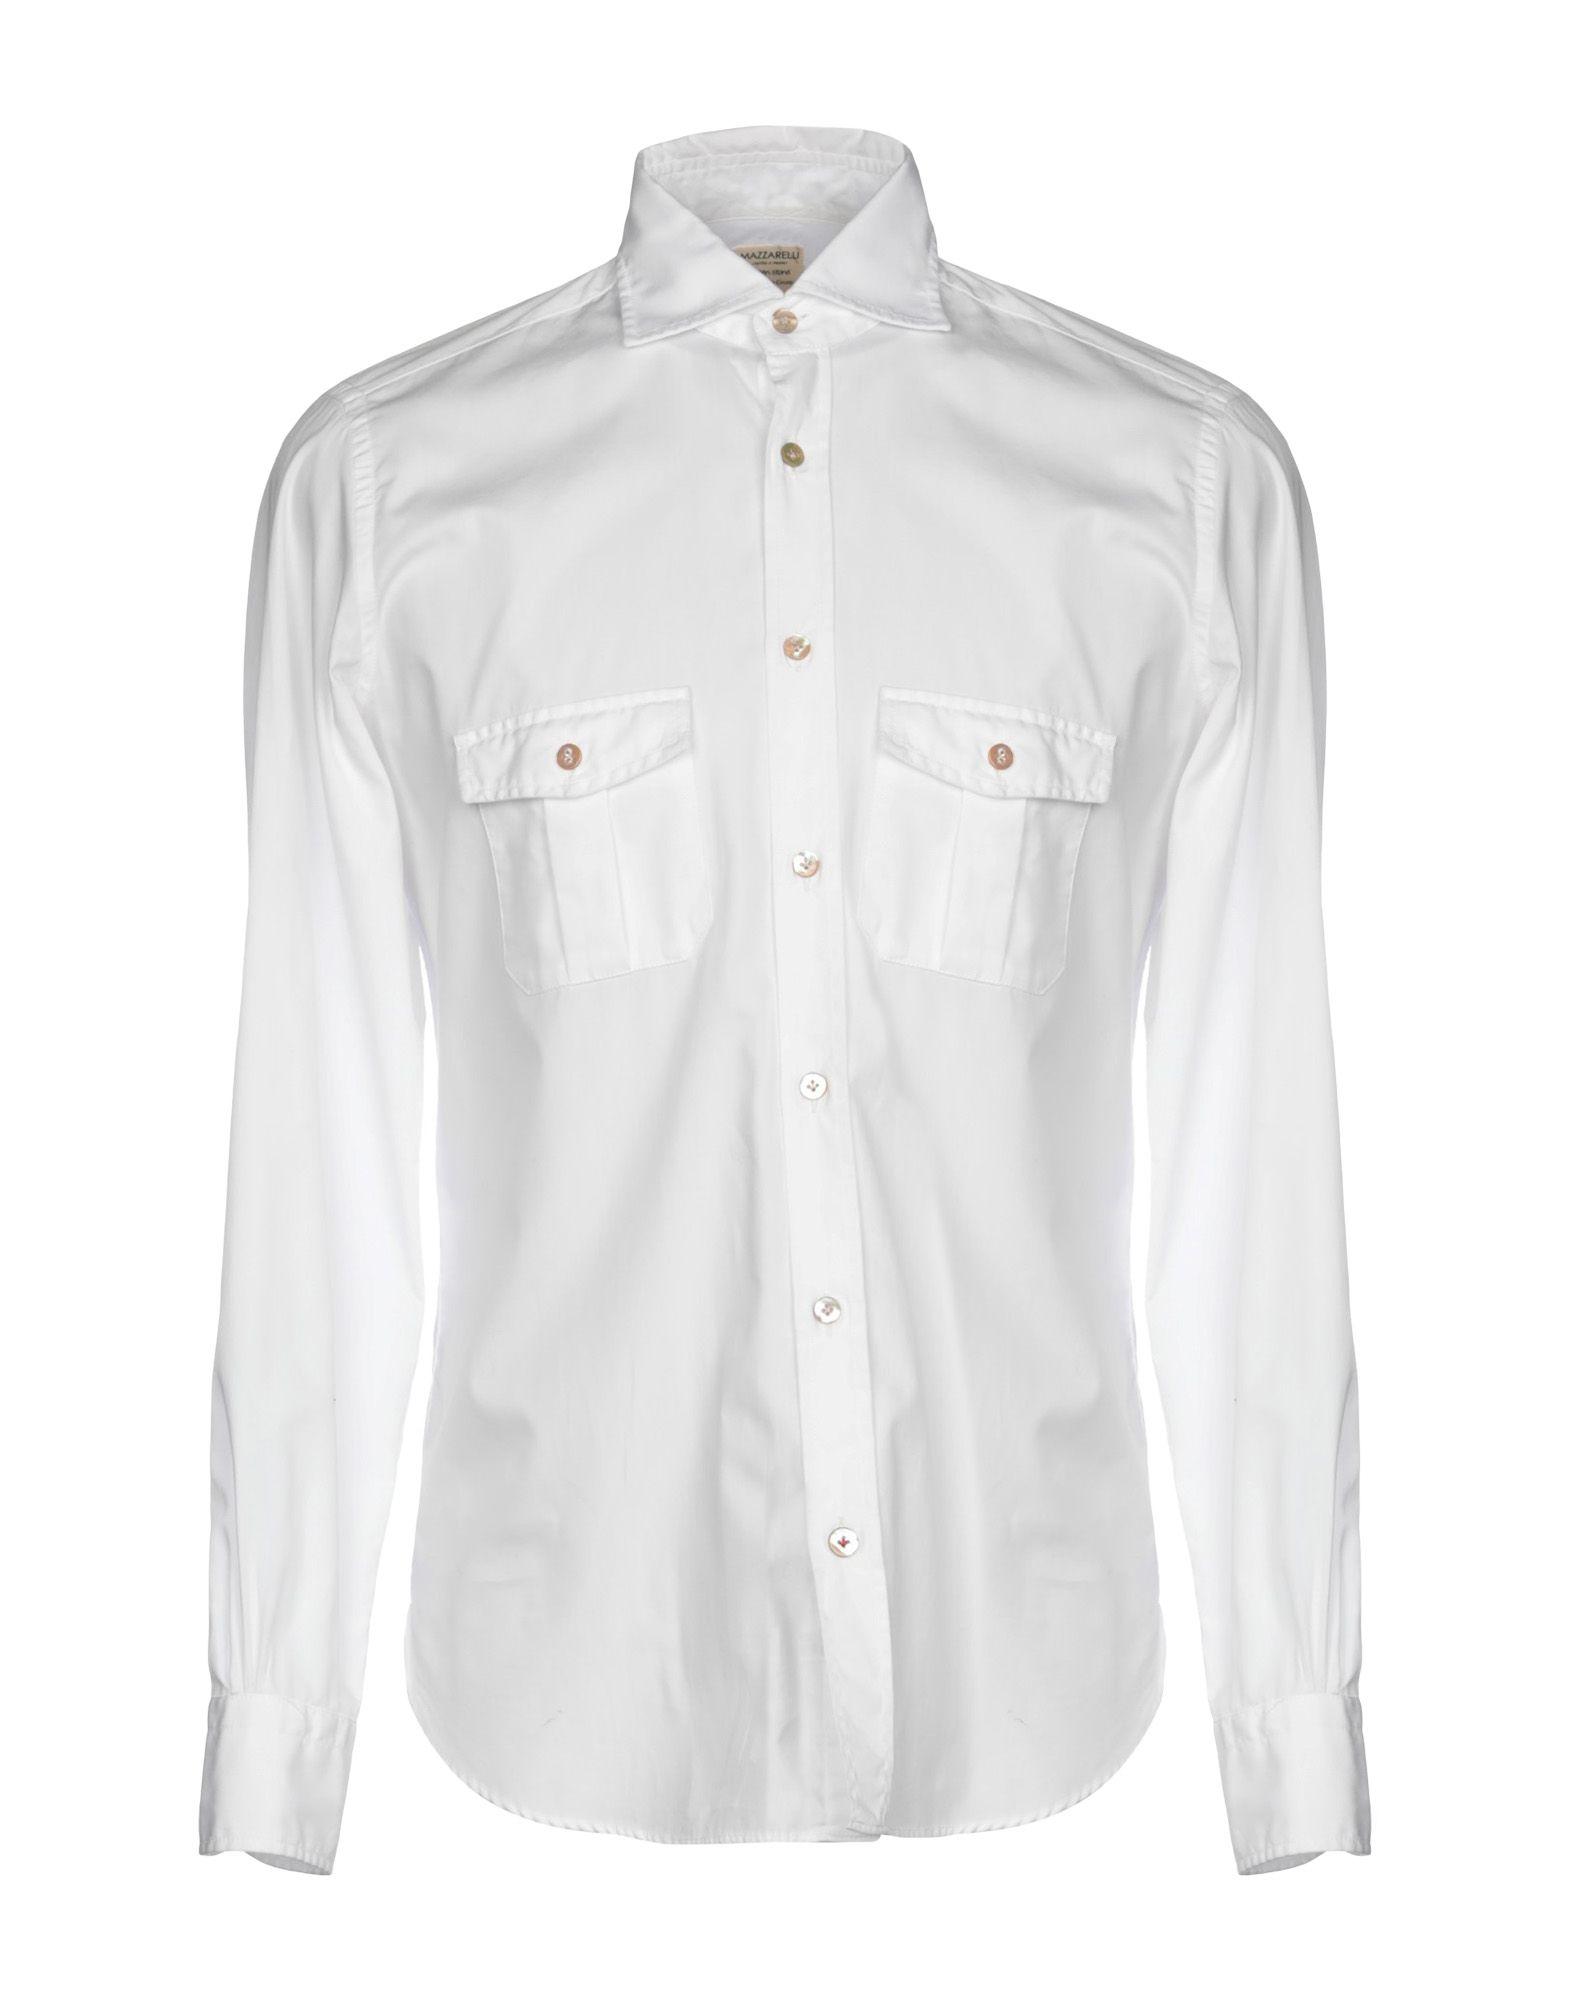 《送料無料》MAZZARELLI メンズ シャツ ホワイト 39 コットン 100%